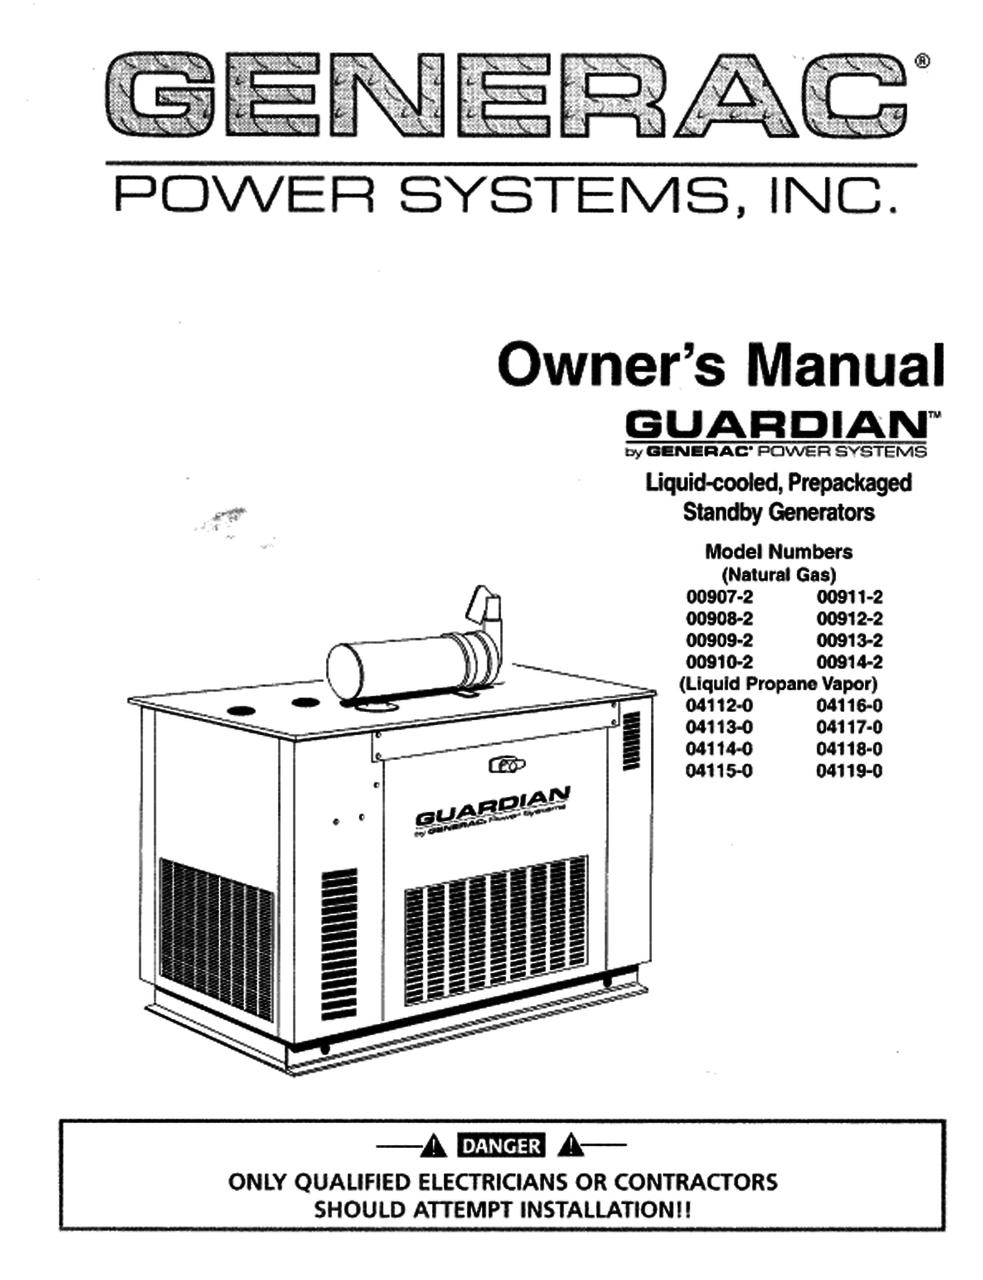 generac owners manual guardian 0c1000 rh gensysparts com guardian generator service manual guardian 15kw generator owner's manual